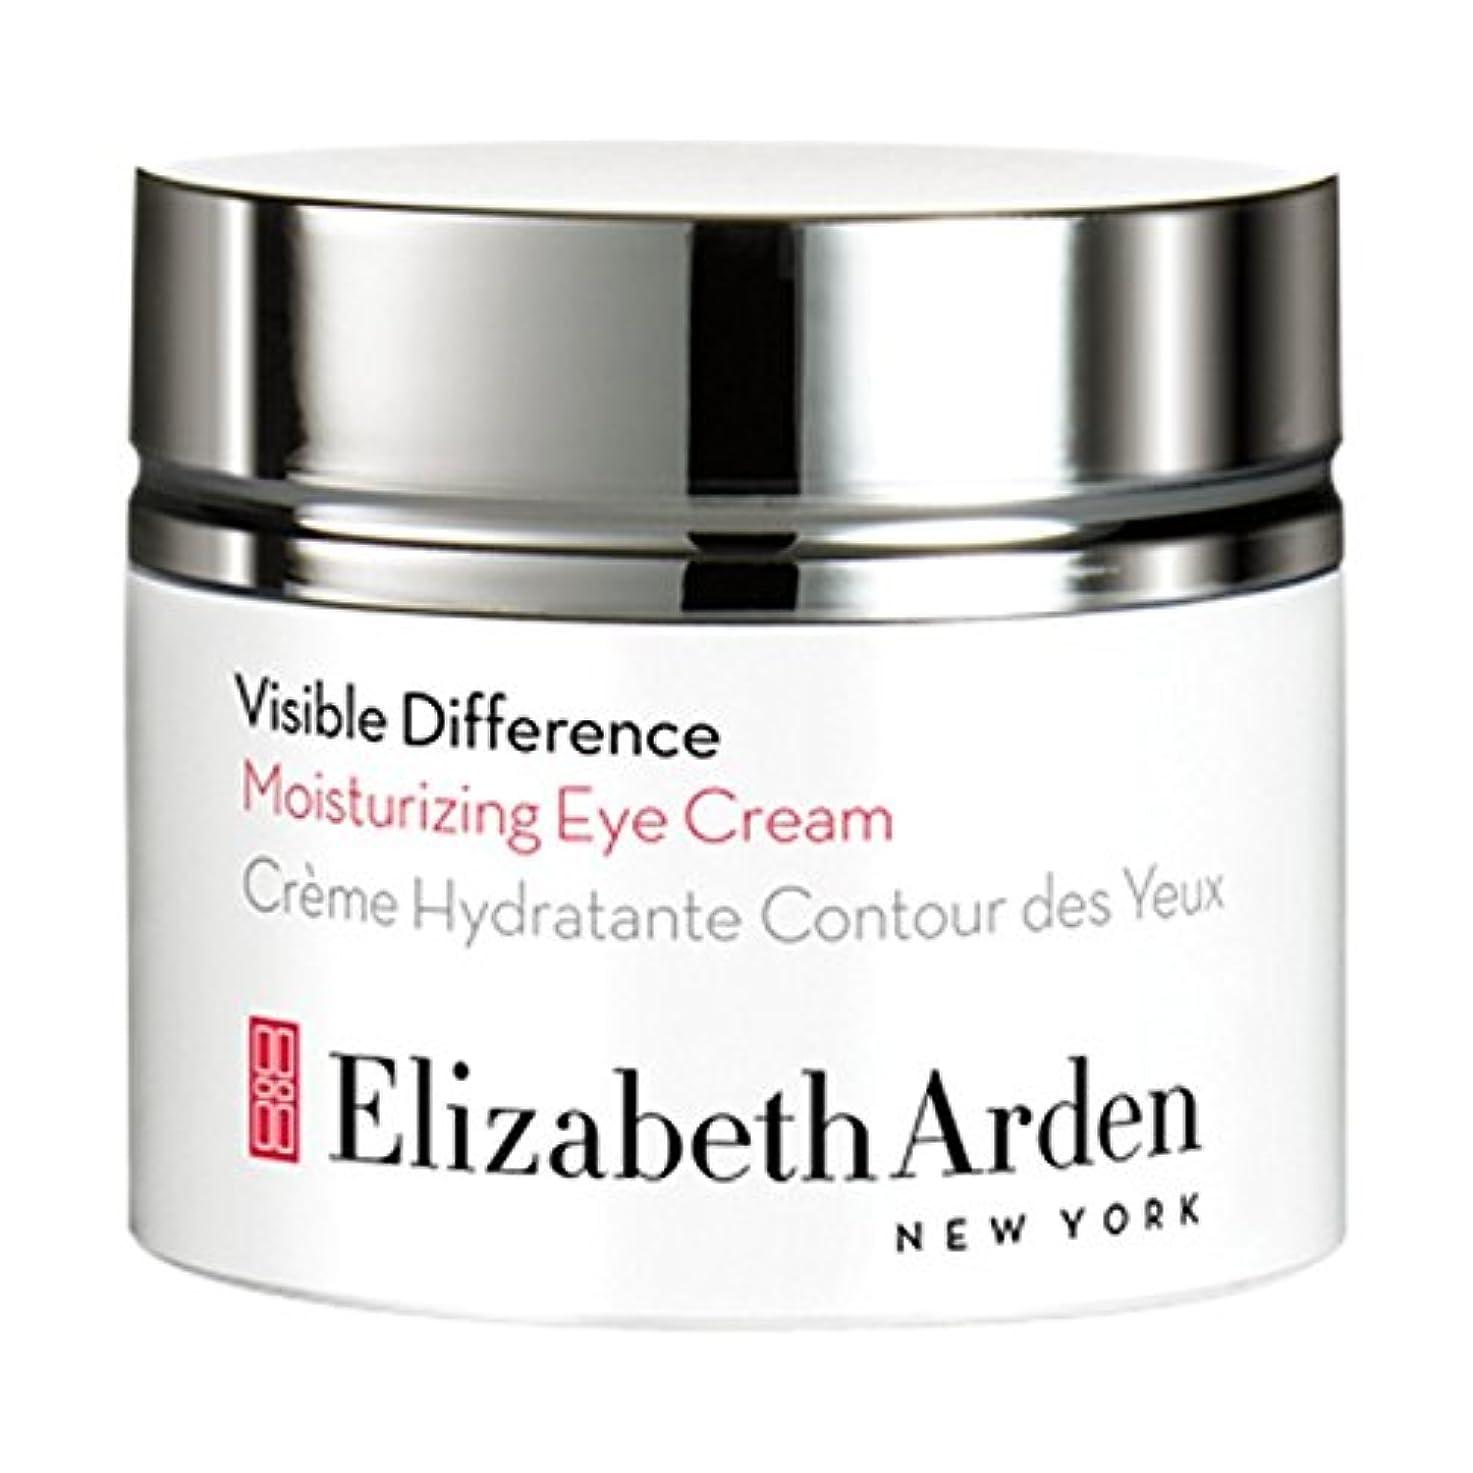 グリーンバックバナナベーカリーElizabeth Arden Visible Difference Moisturizing Eye Cream 15ml (Pack of 6) - エリザベスは、目に見える差保湿アイクリーム15ミリリットルをアーデン x6 [並行輸入品]